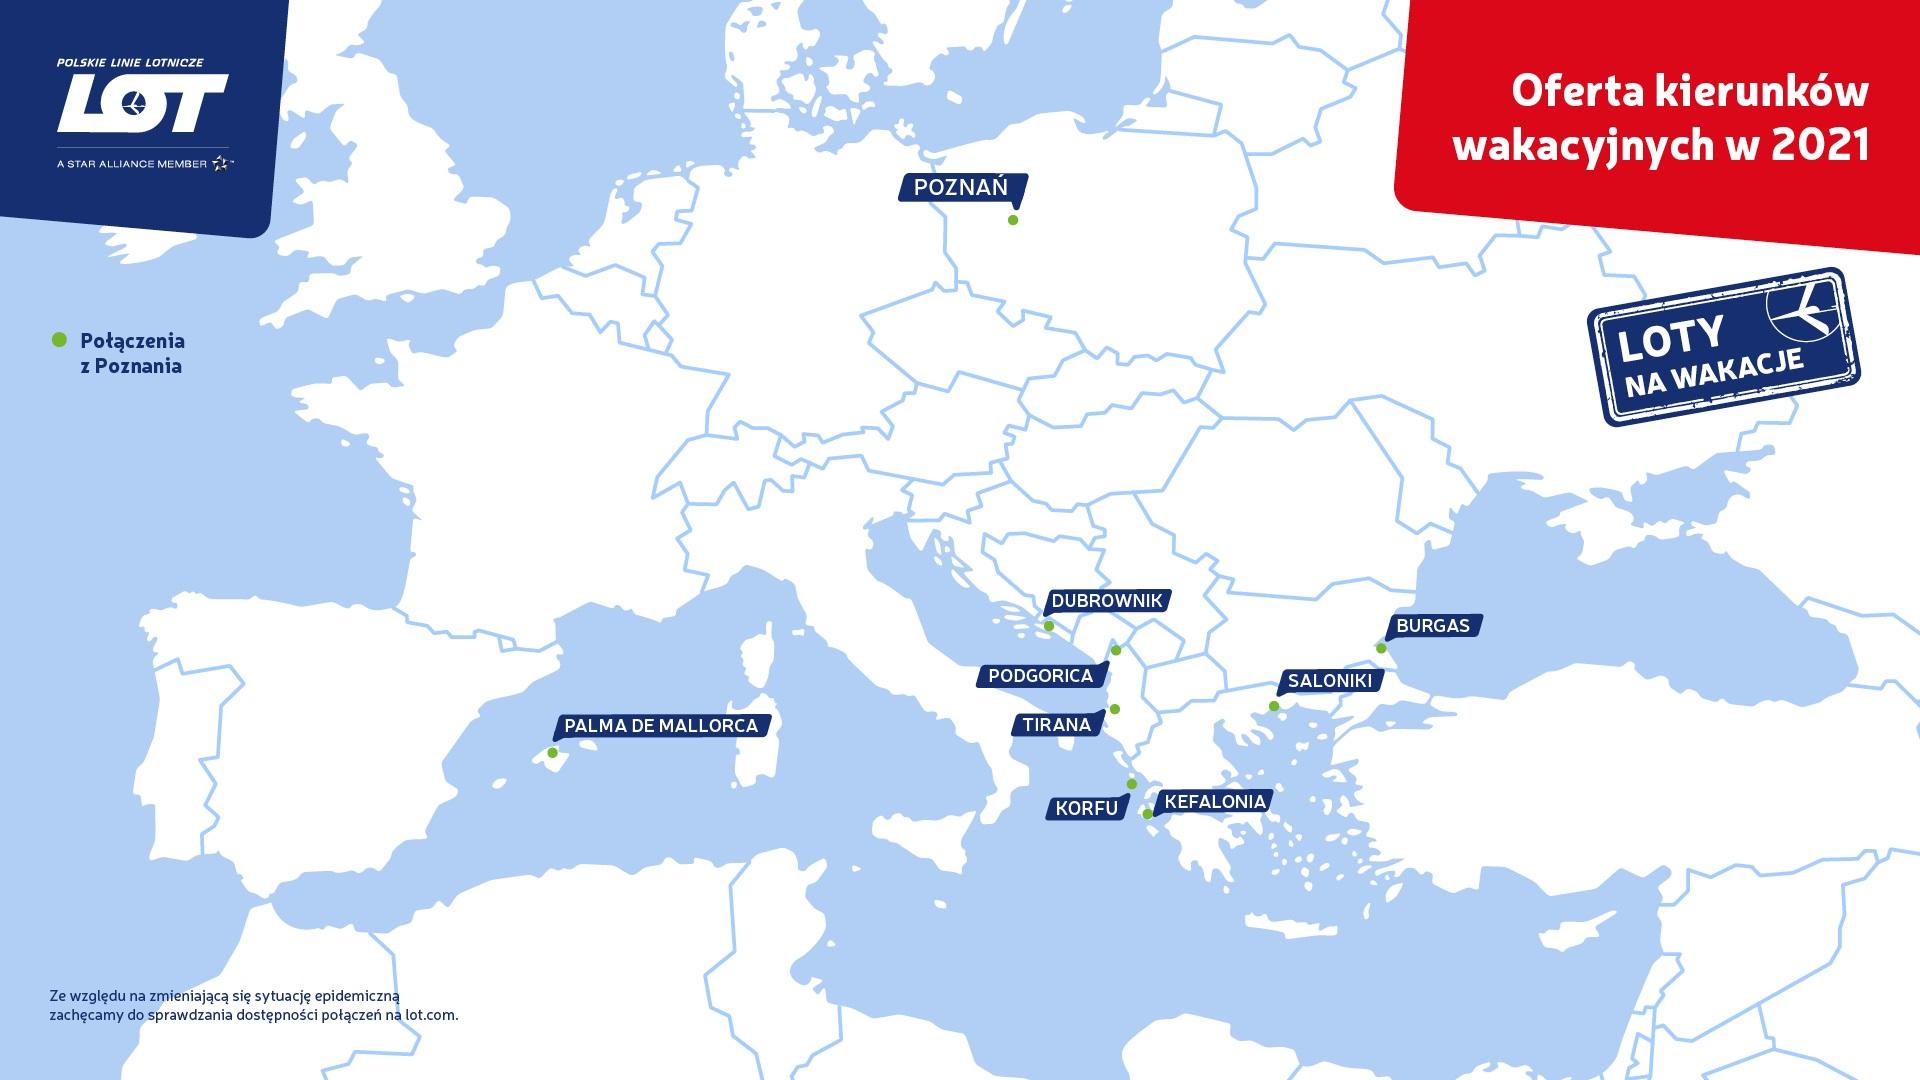 Wakacyjne kierunki LOT-u bezpośrednio z Poznania już od końca maja  - Zdjęcie główne